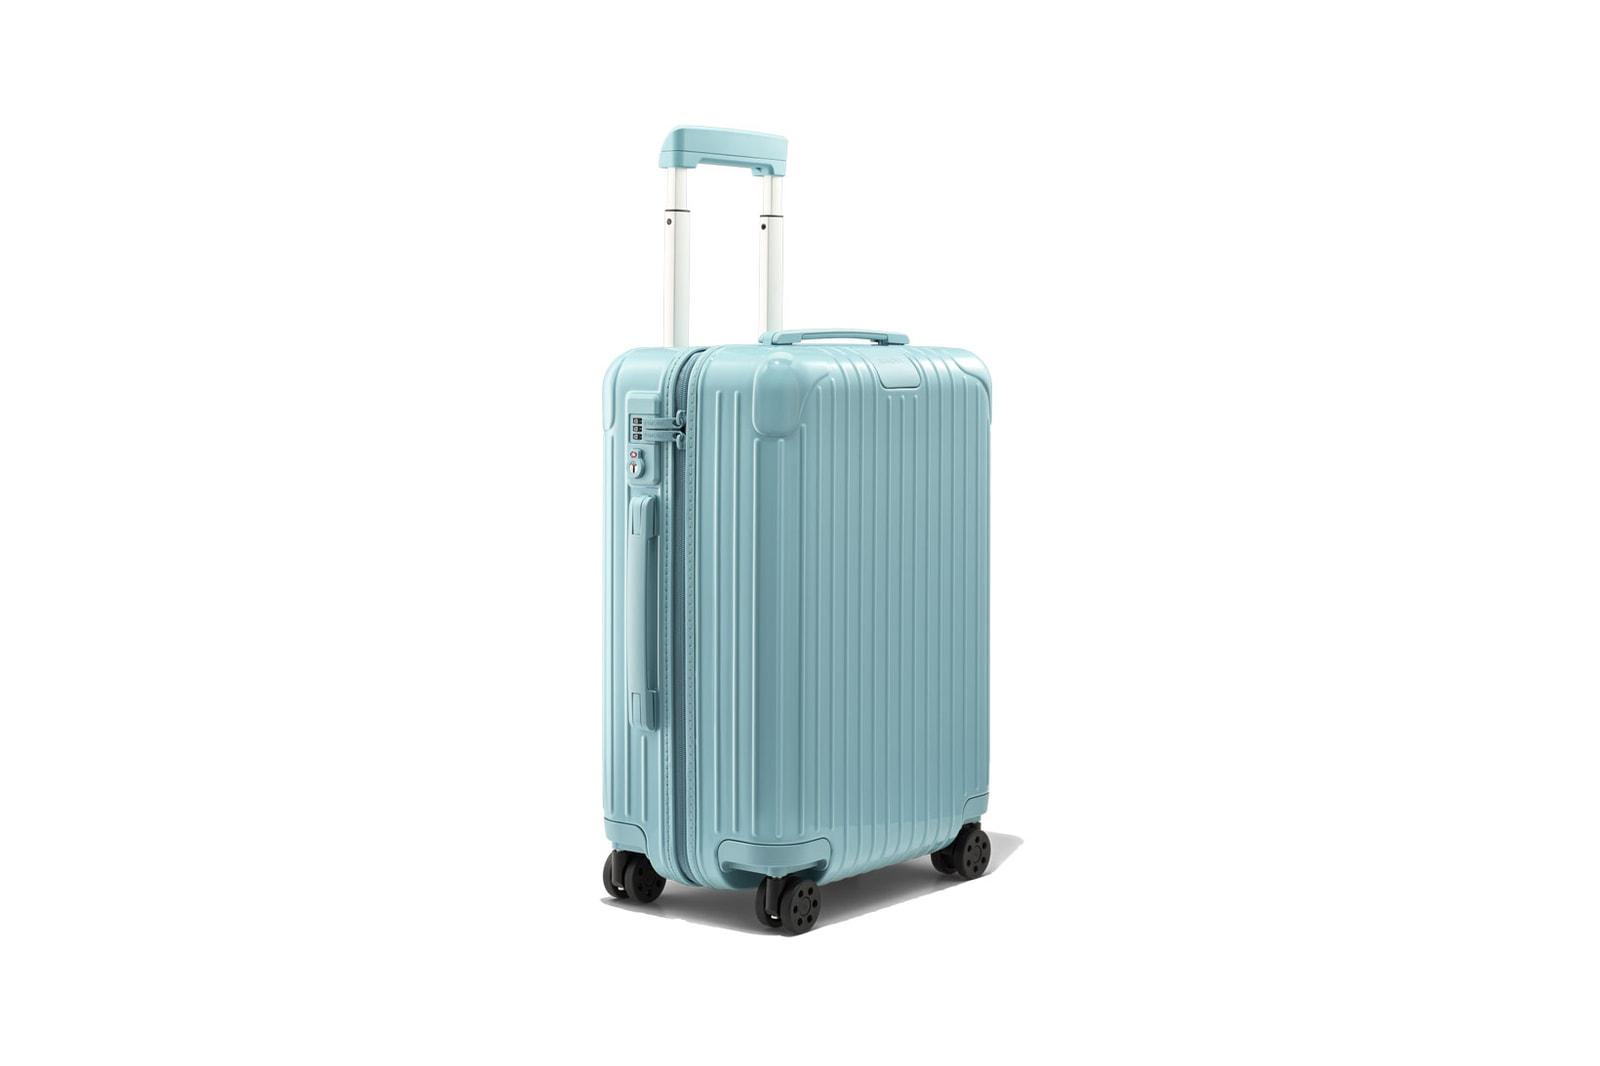 RIMOWA Essential Cabin Check-In Glacier Suitcase Luggage